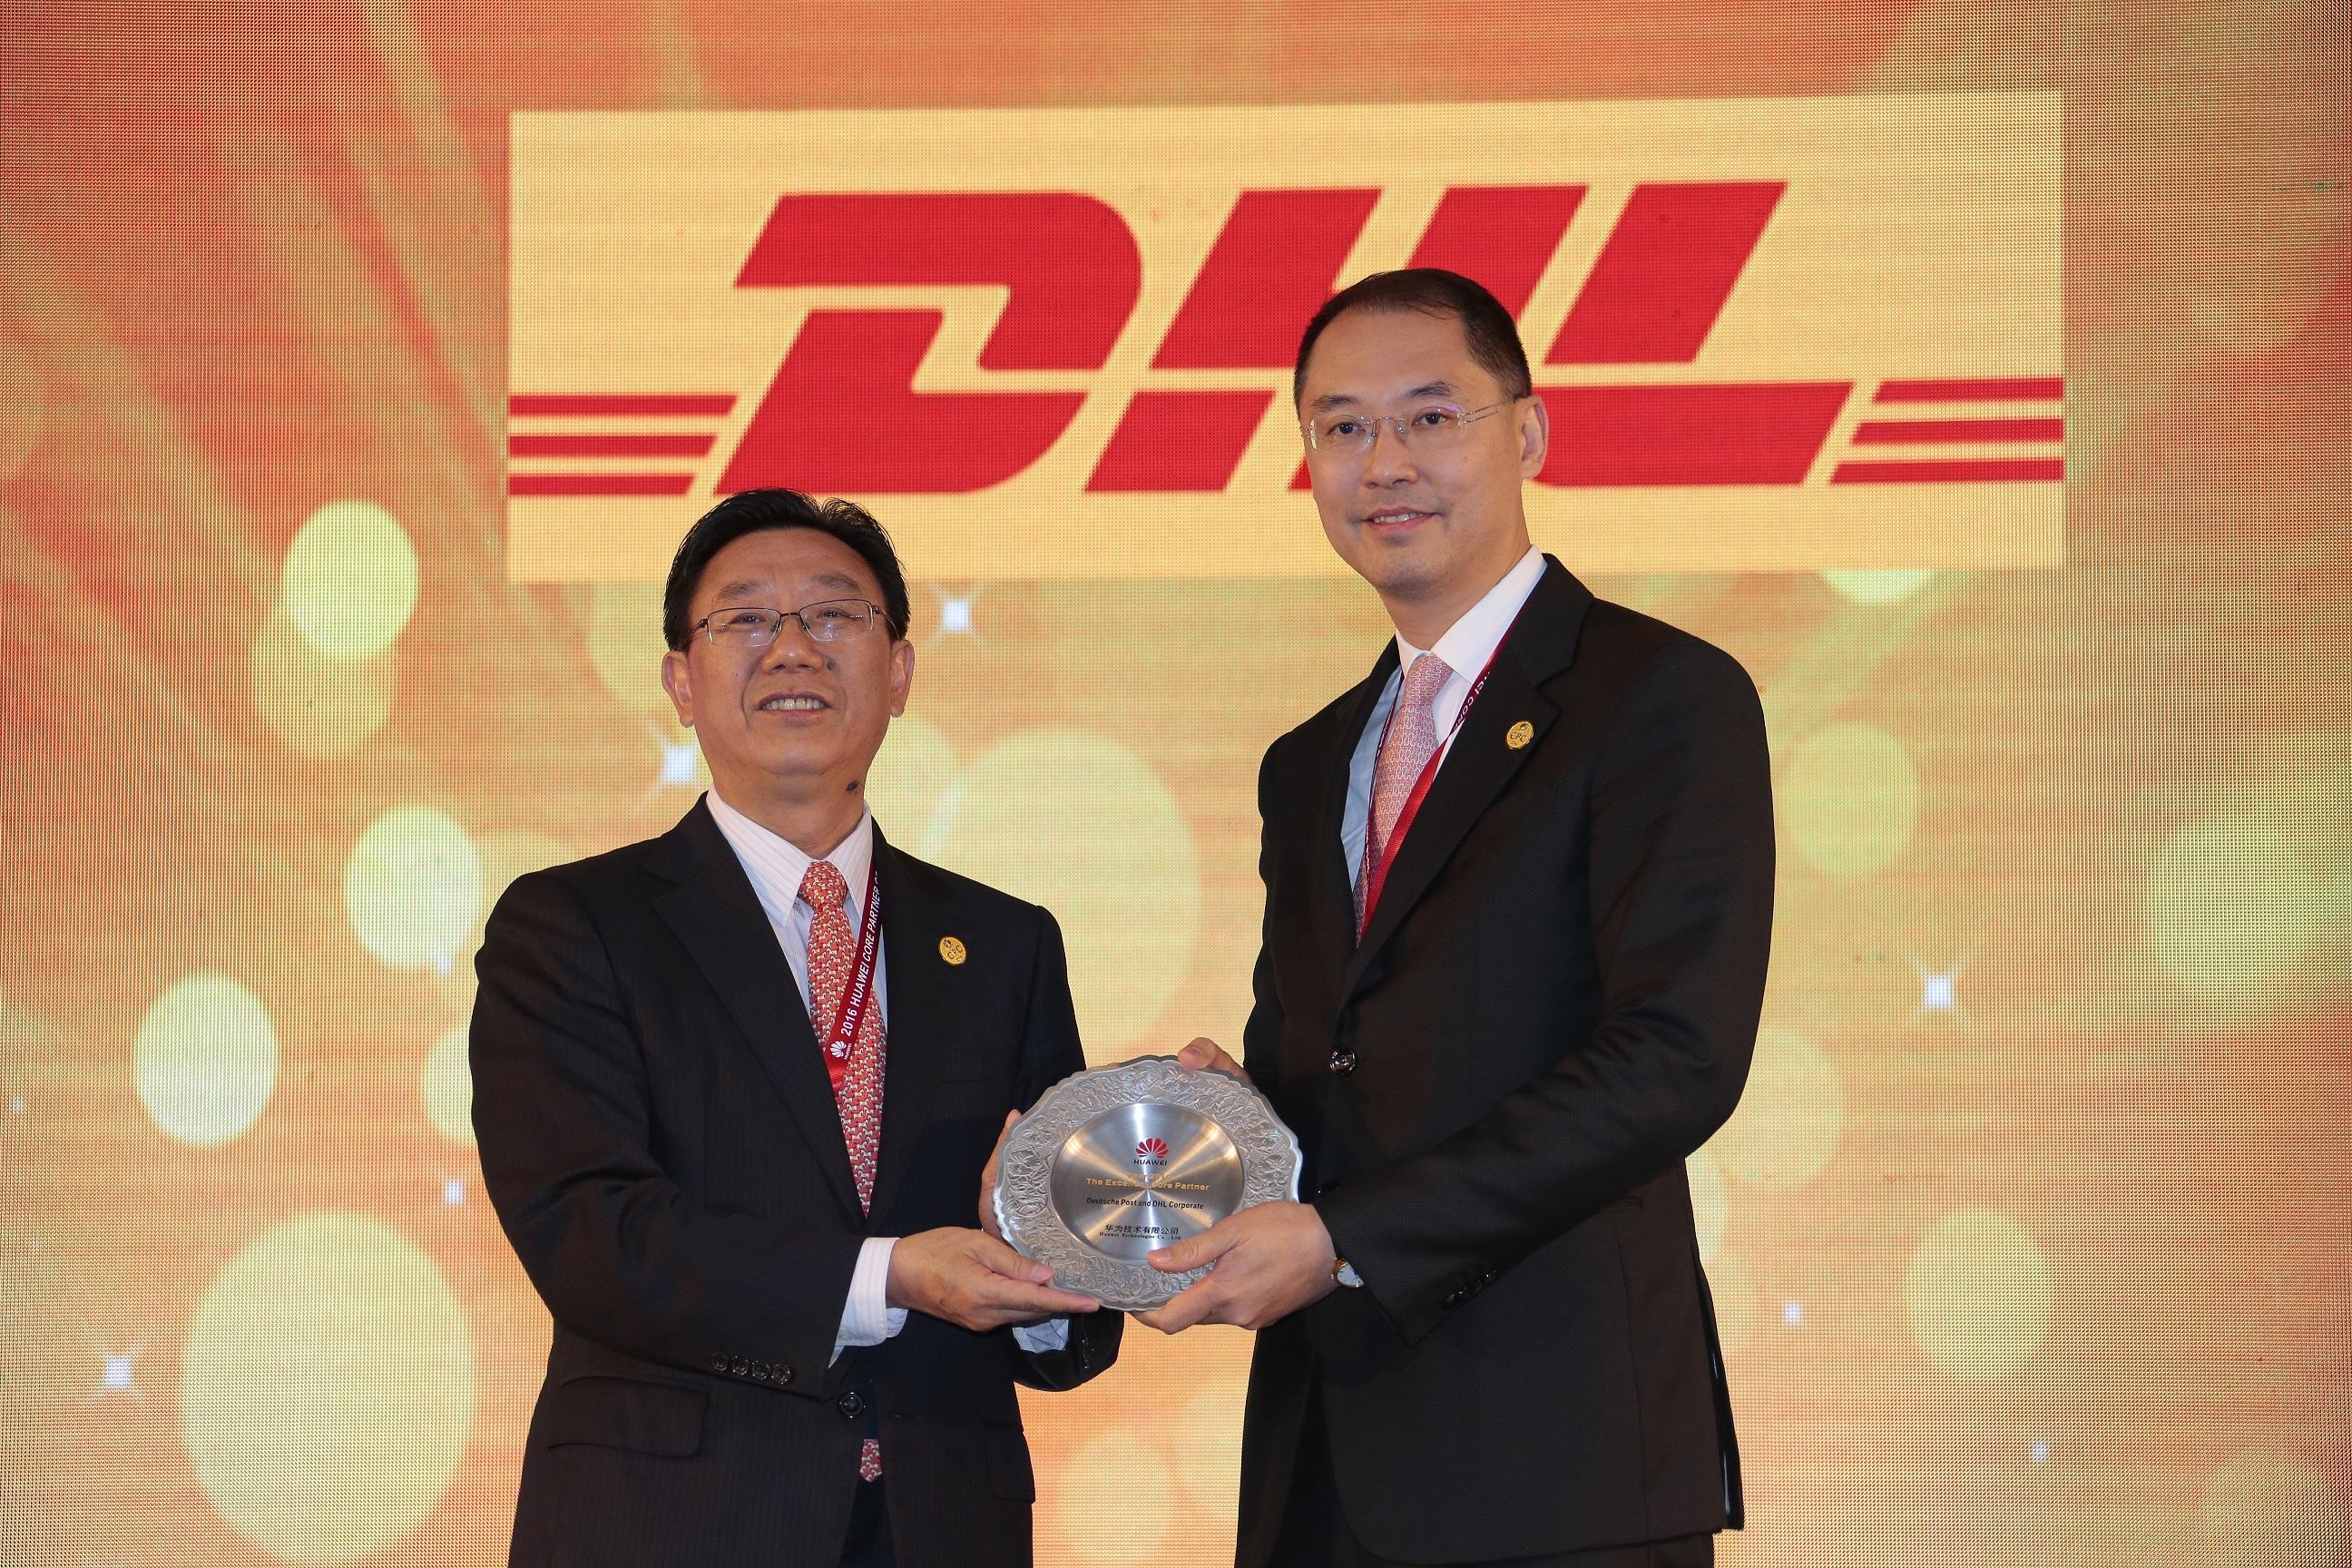 华为授予DHL物流服务和仓储管理优秀奖